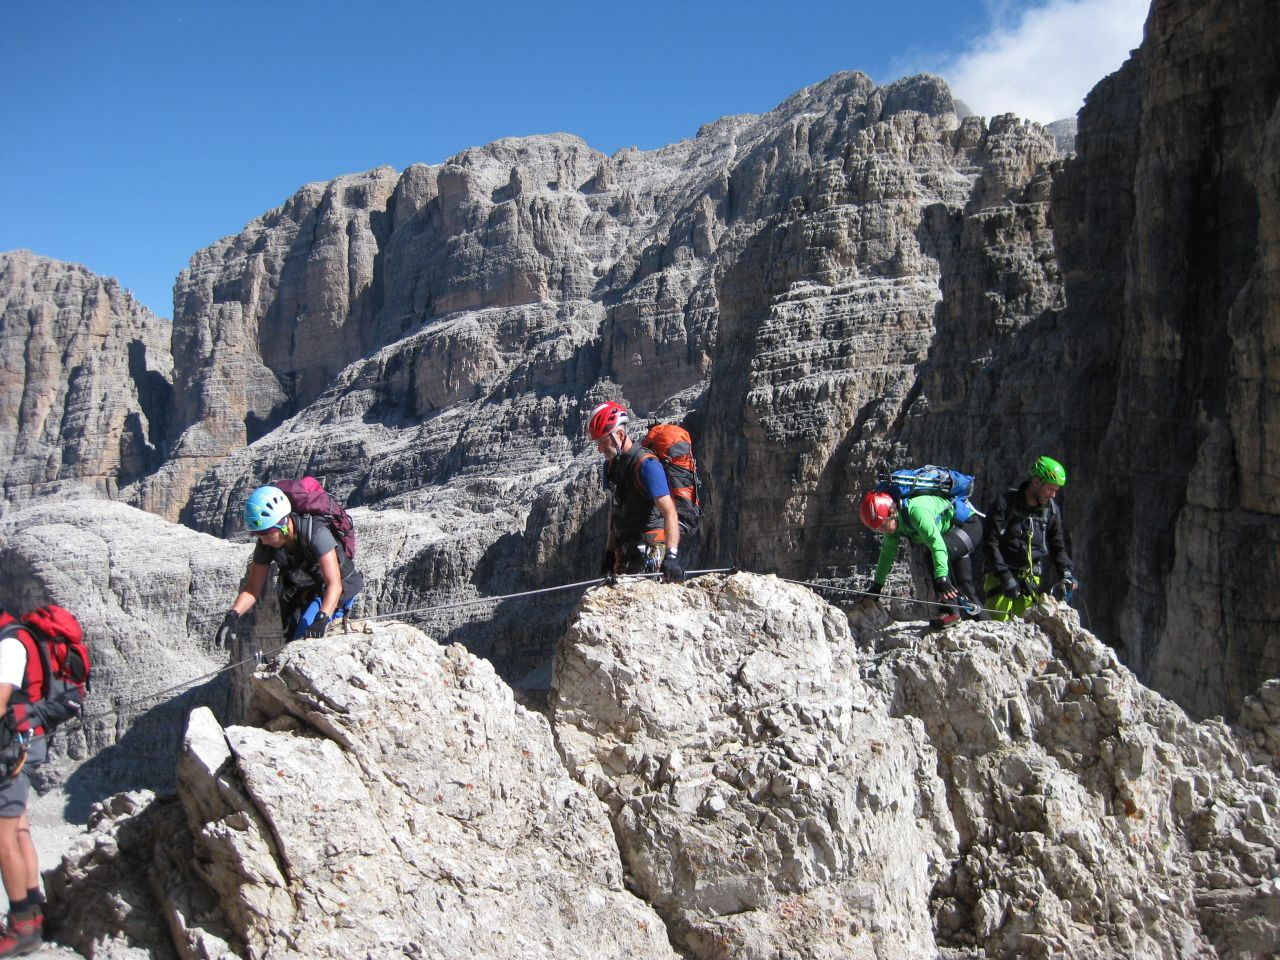 Klettersteig Arco : Klettersteig in der nähe von arco via ferrata ernesto che guevara